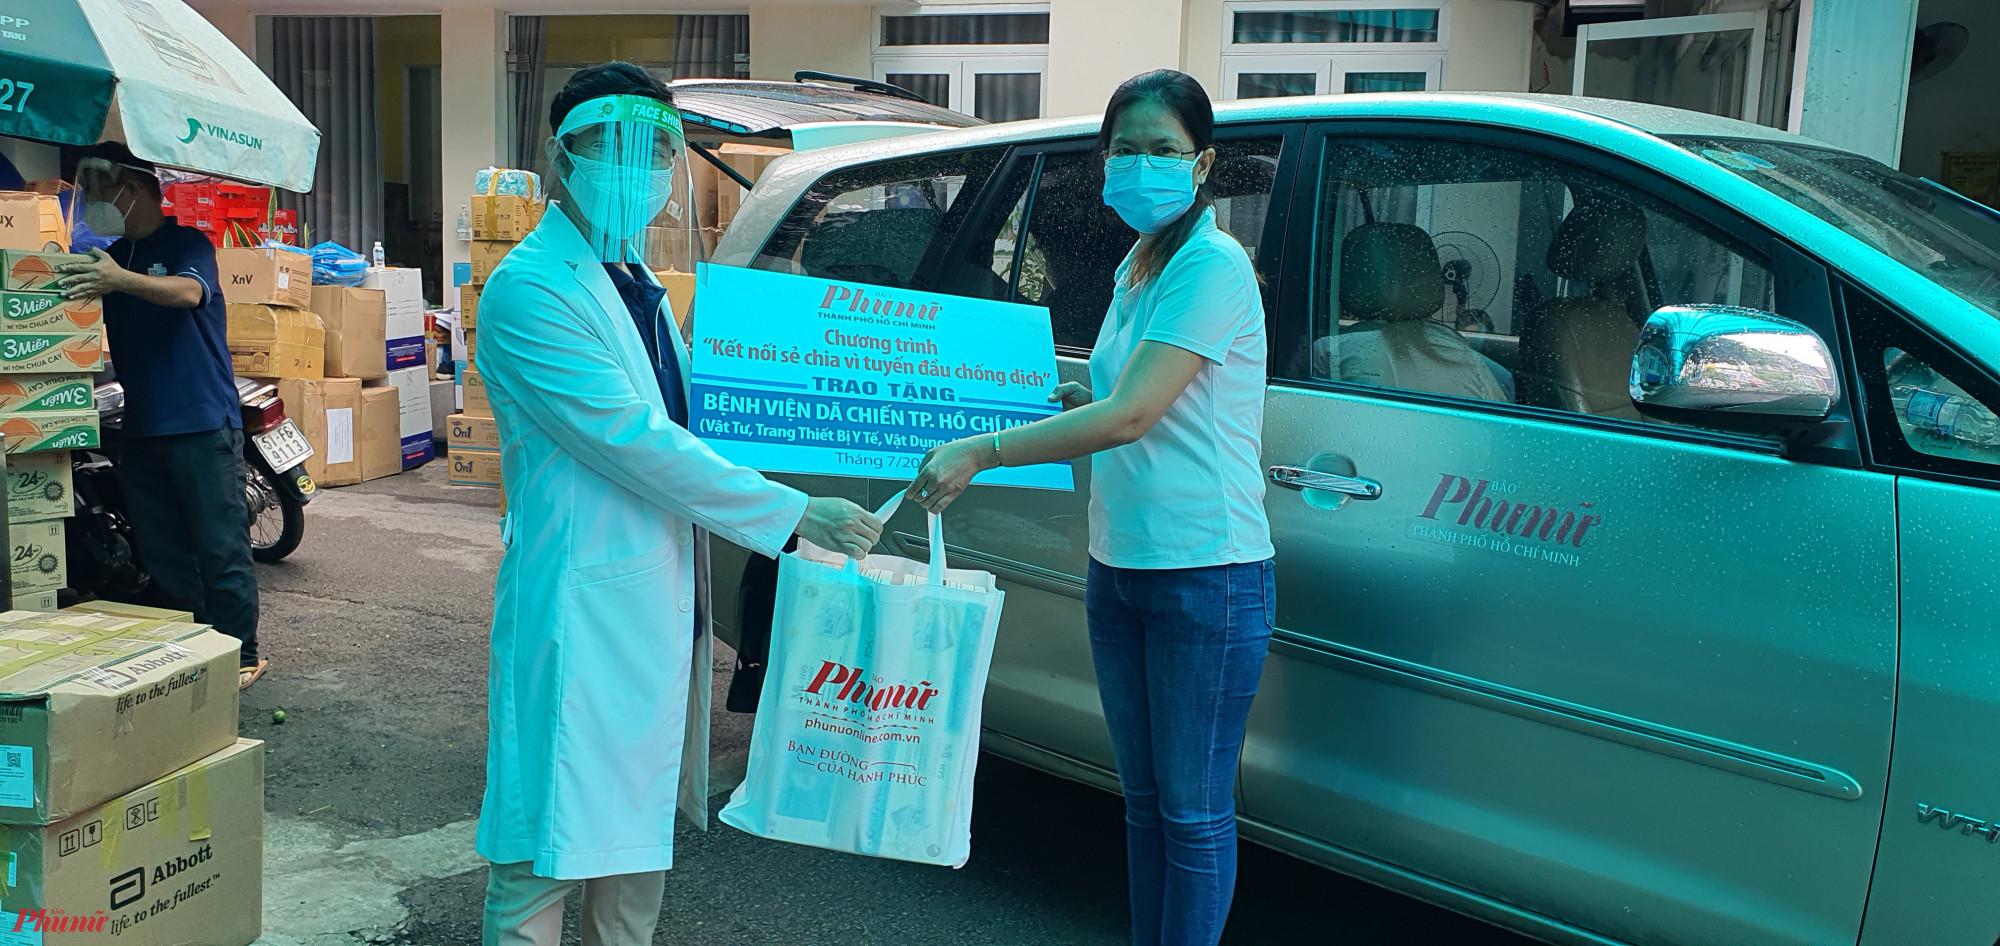 Báo Phụ nữ TPHCM tặng vật tư, trang thiết bị y tế đến bệnh viện dã chiến số 8